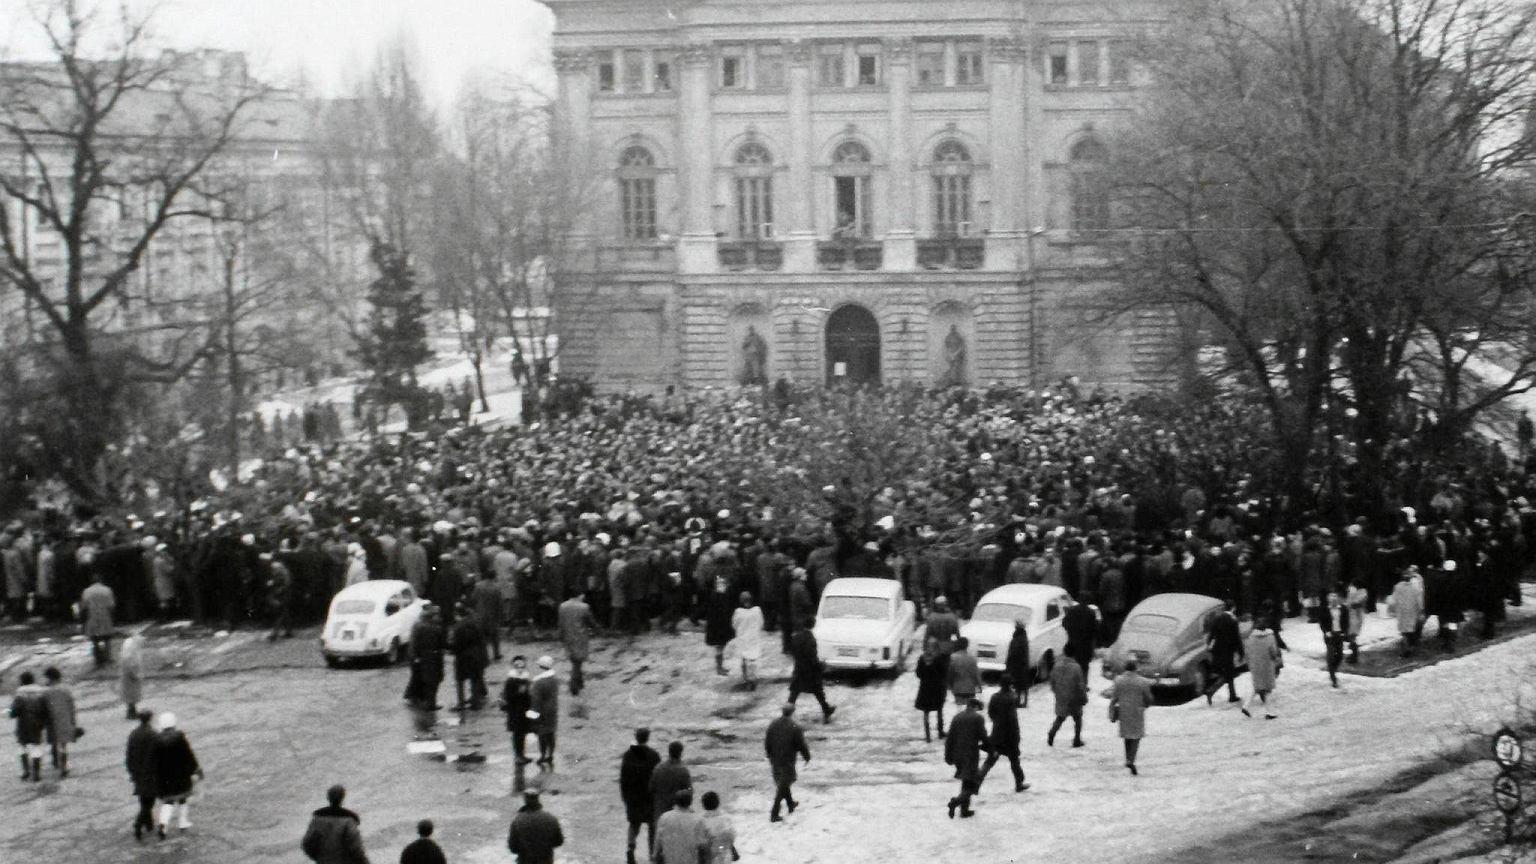 08.03.1968 Wiec na Uniwersytecie Warszawskim.